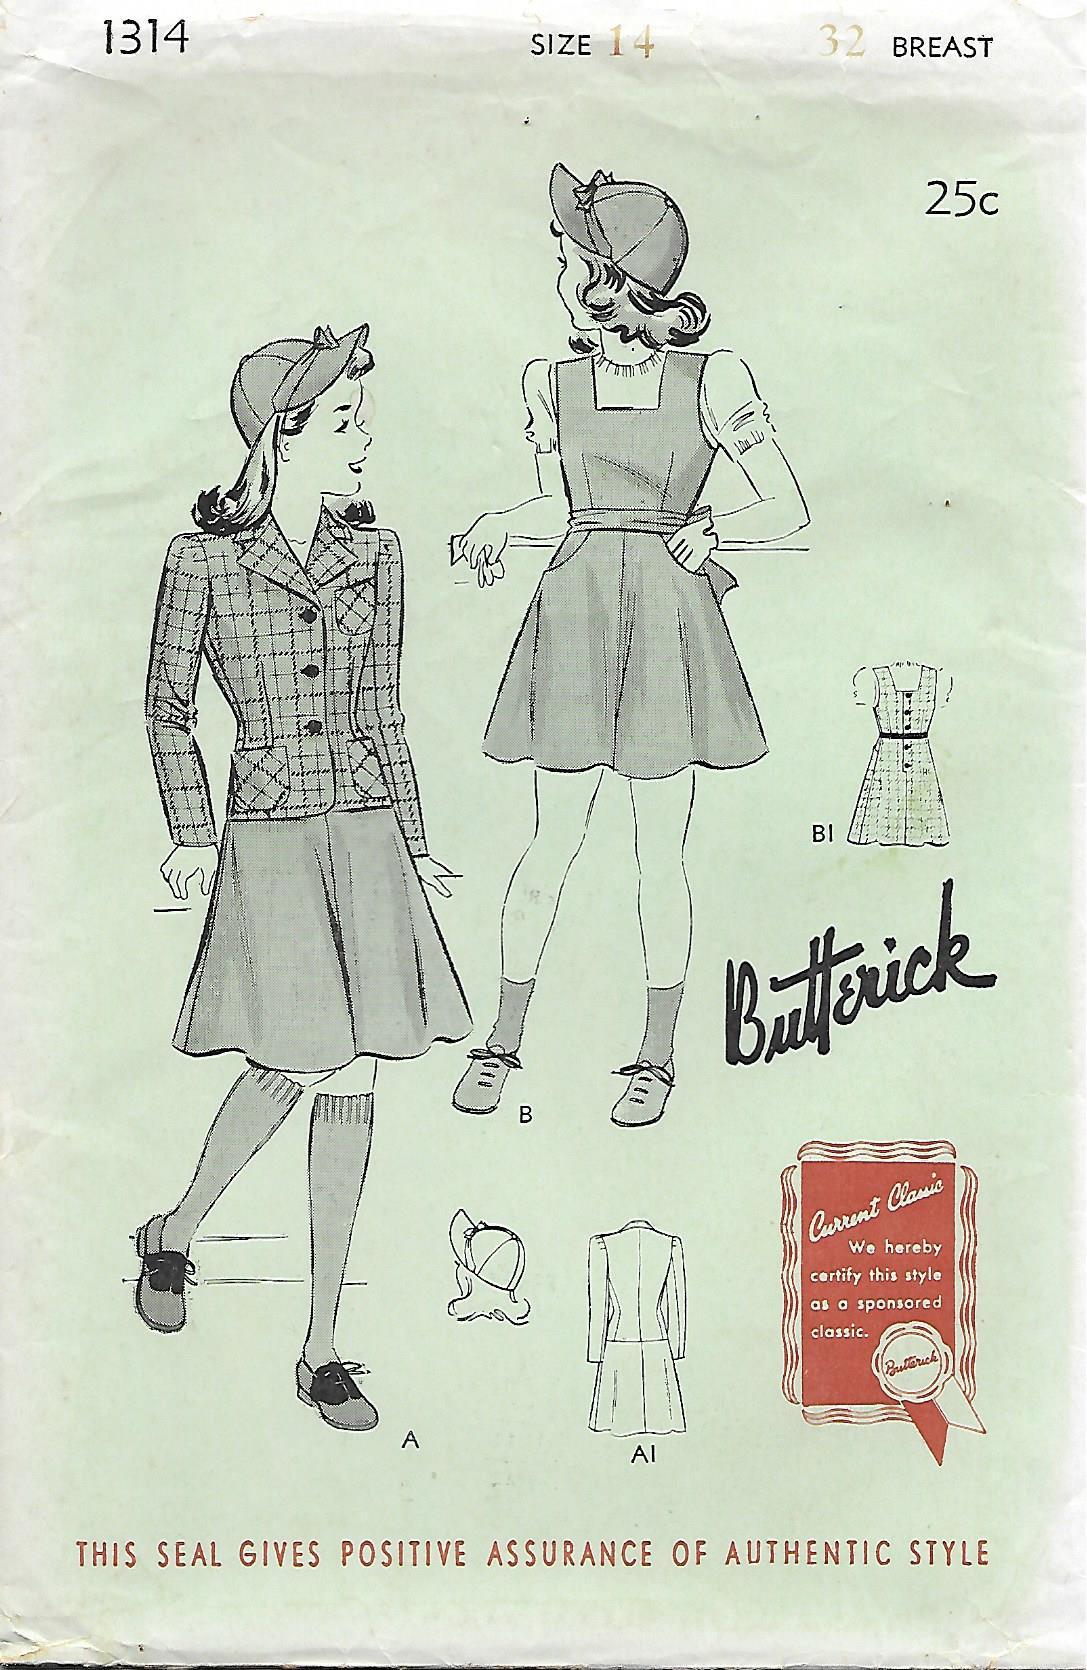 Butterick 1314